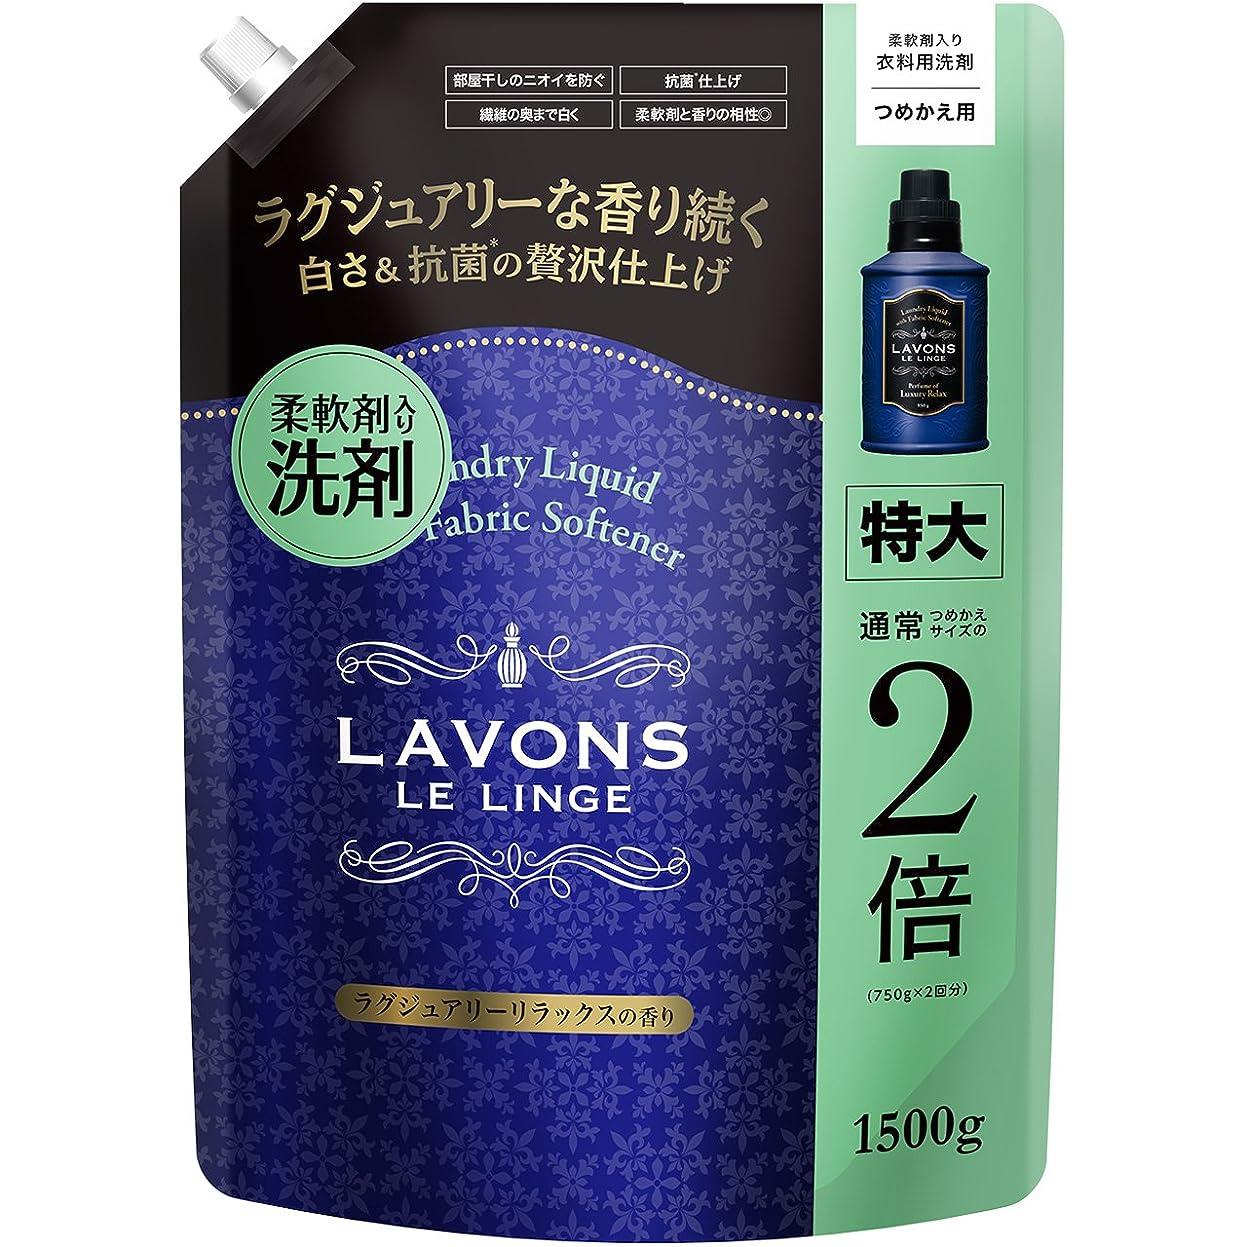 人気禁じる威するラボン 柔軟剤入り 洗濯洗剤 特大 ラグジュアリーリラックス 詰め替え 1500g